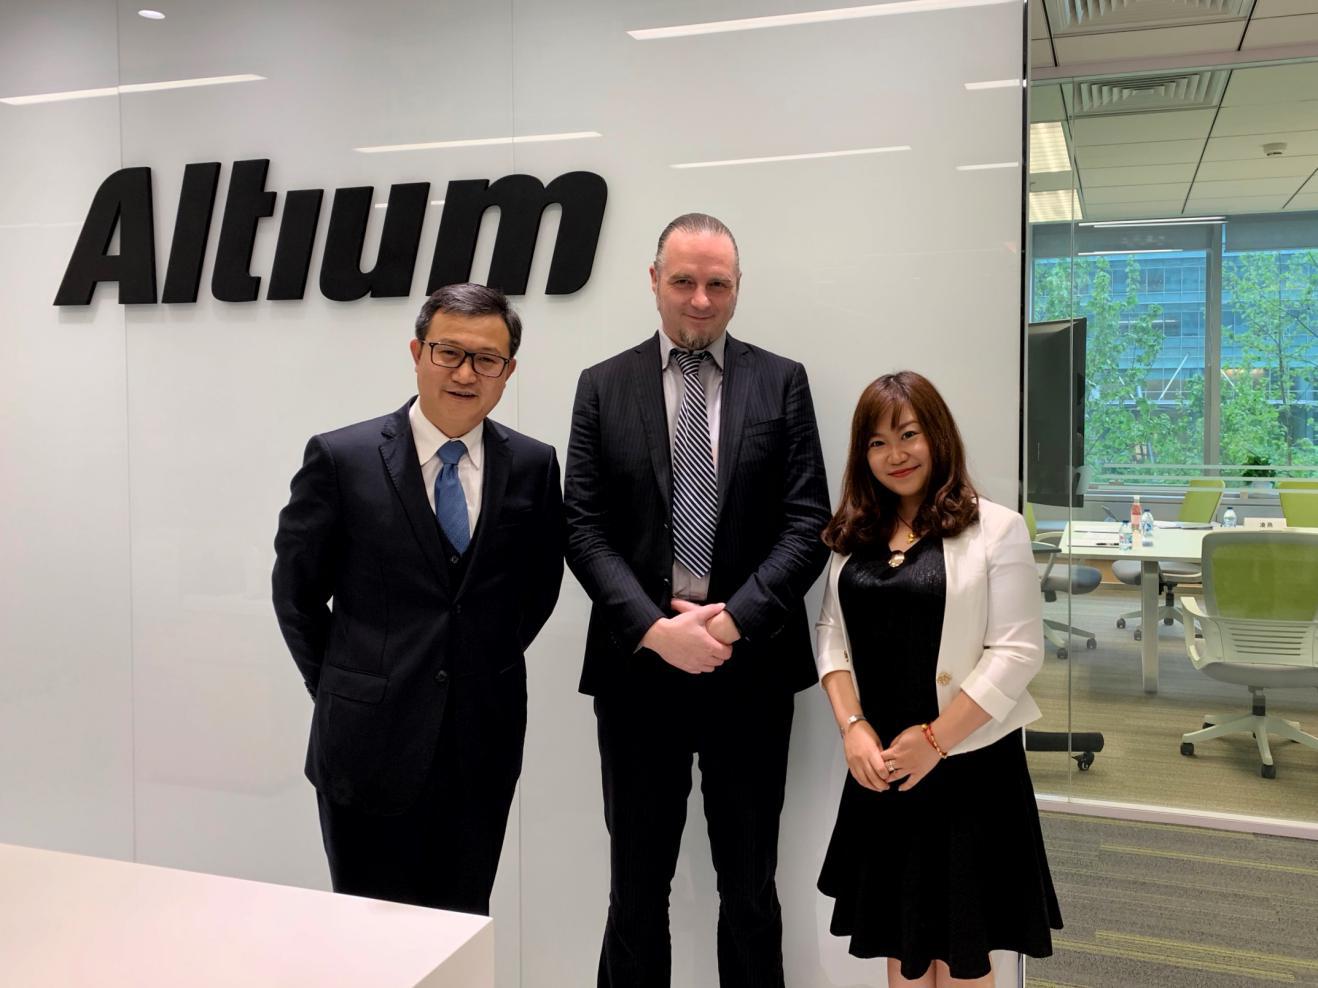 国内PCB设计业发展快,Altium北京分公司开业